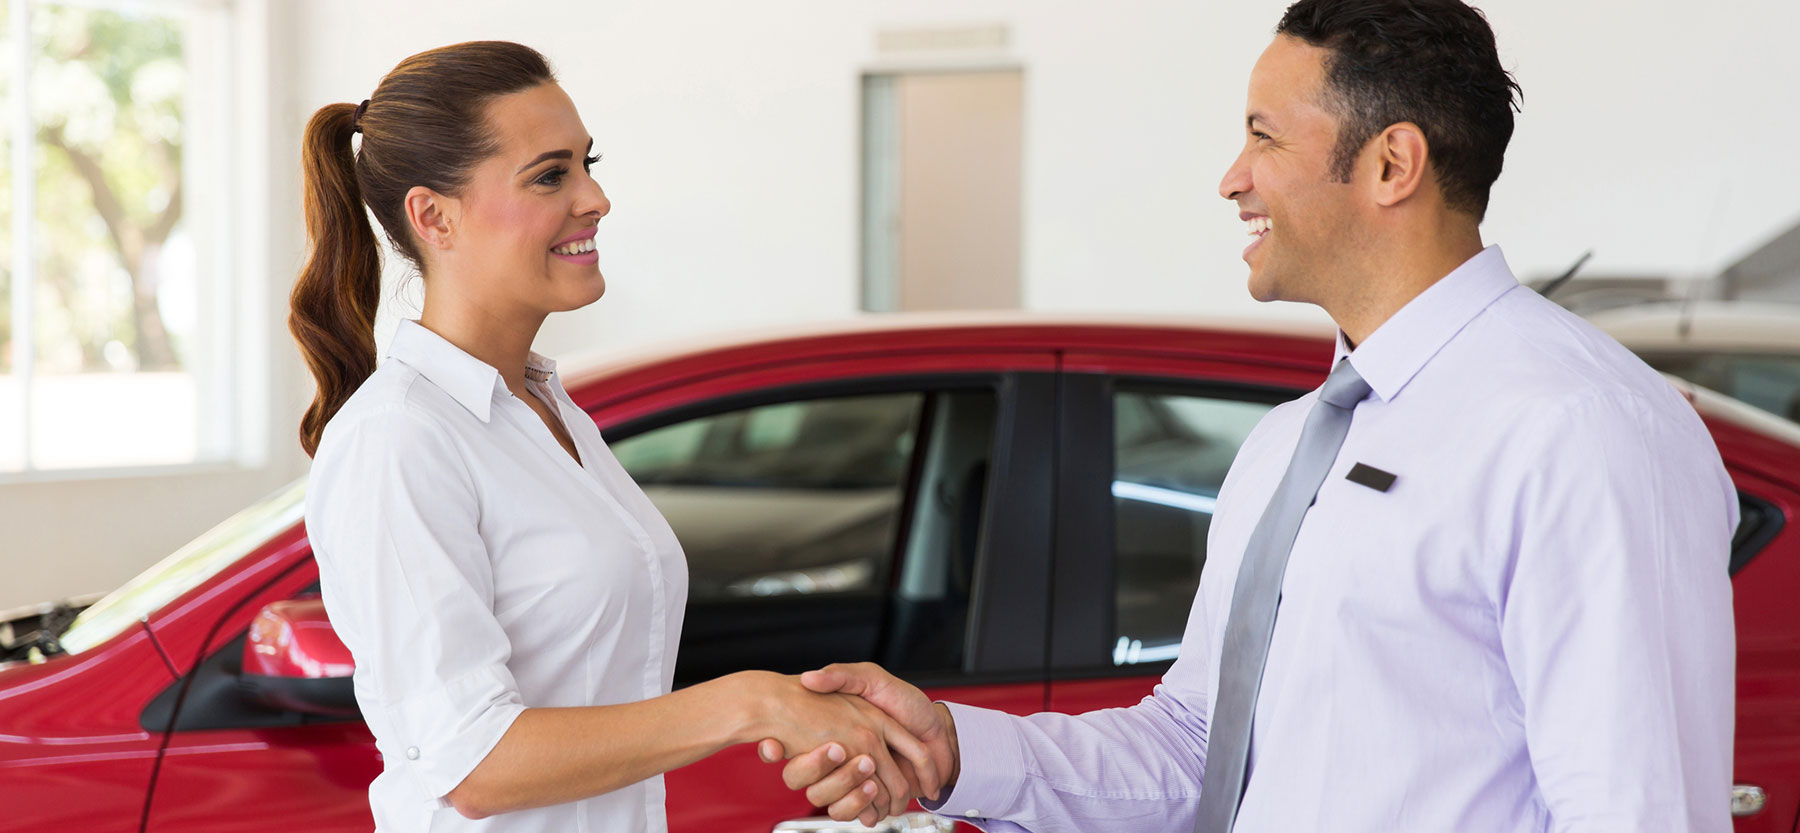 Compre Toyota Nuevos Seminuevos Usados Carros Carros Camionetas SUVs Minivans Camiones Descuento Español Louisville Kentucky Usado Certificado